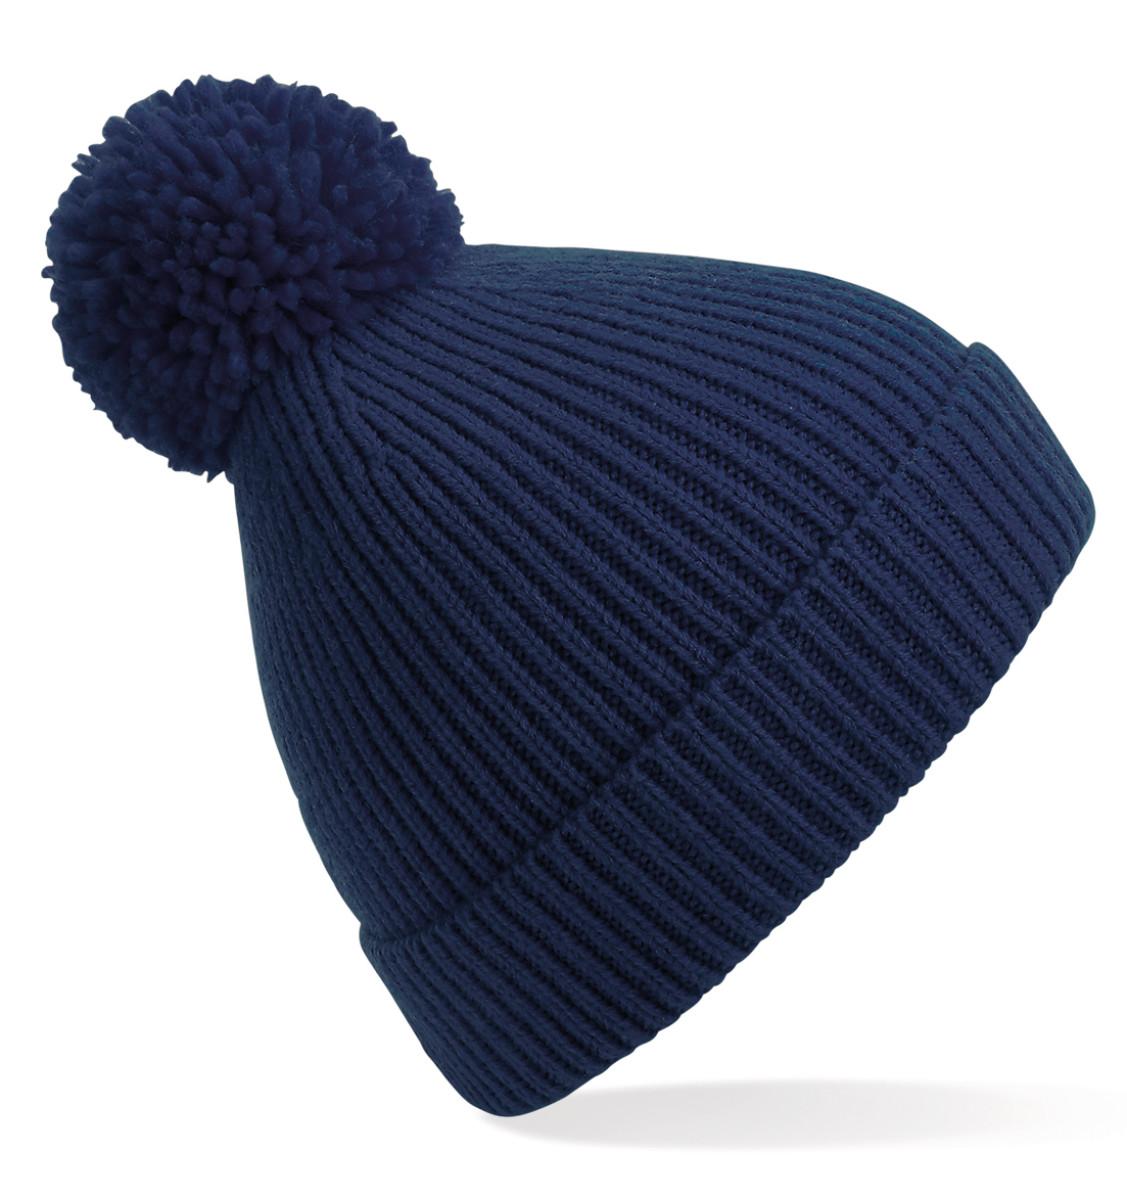 Beechfield Knit Ribbed Pom Pom Beanie